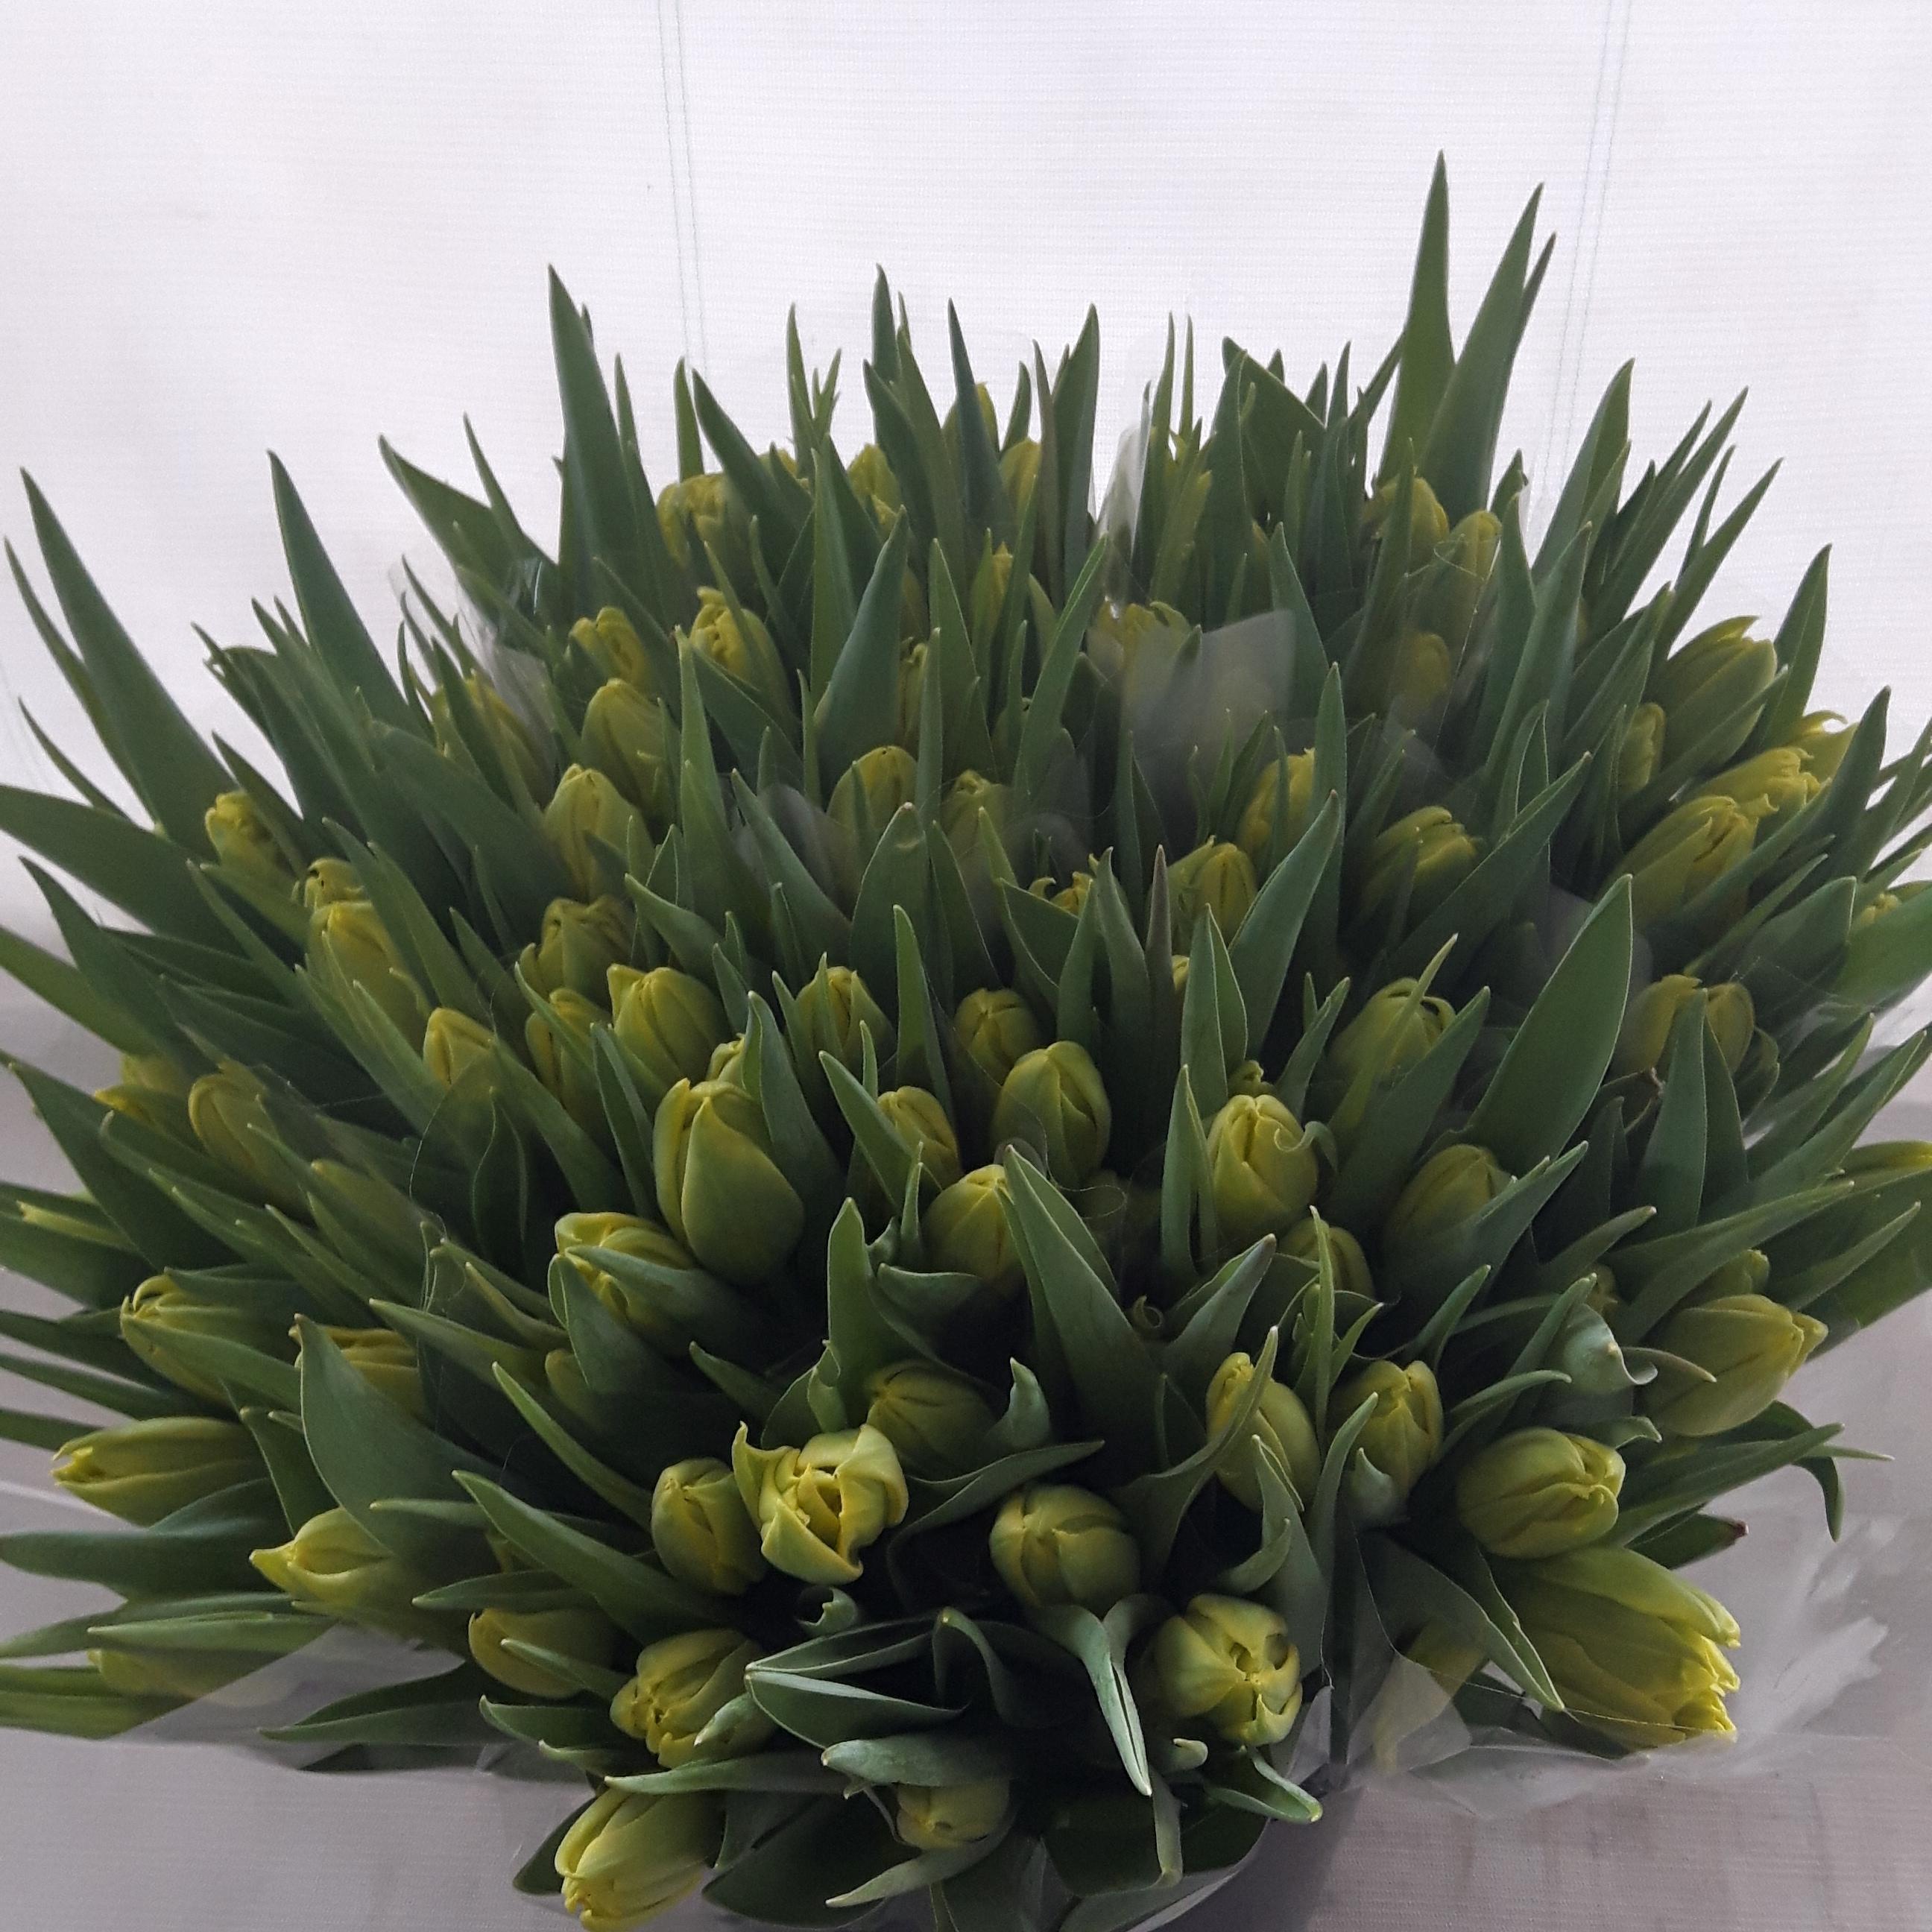 Tulp geel ingehoesd in 5 liter emmer